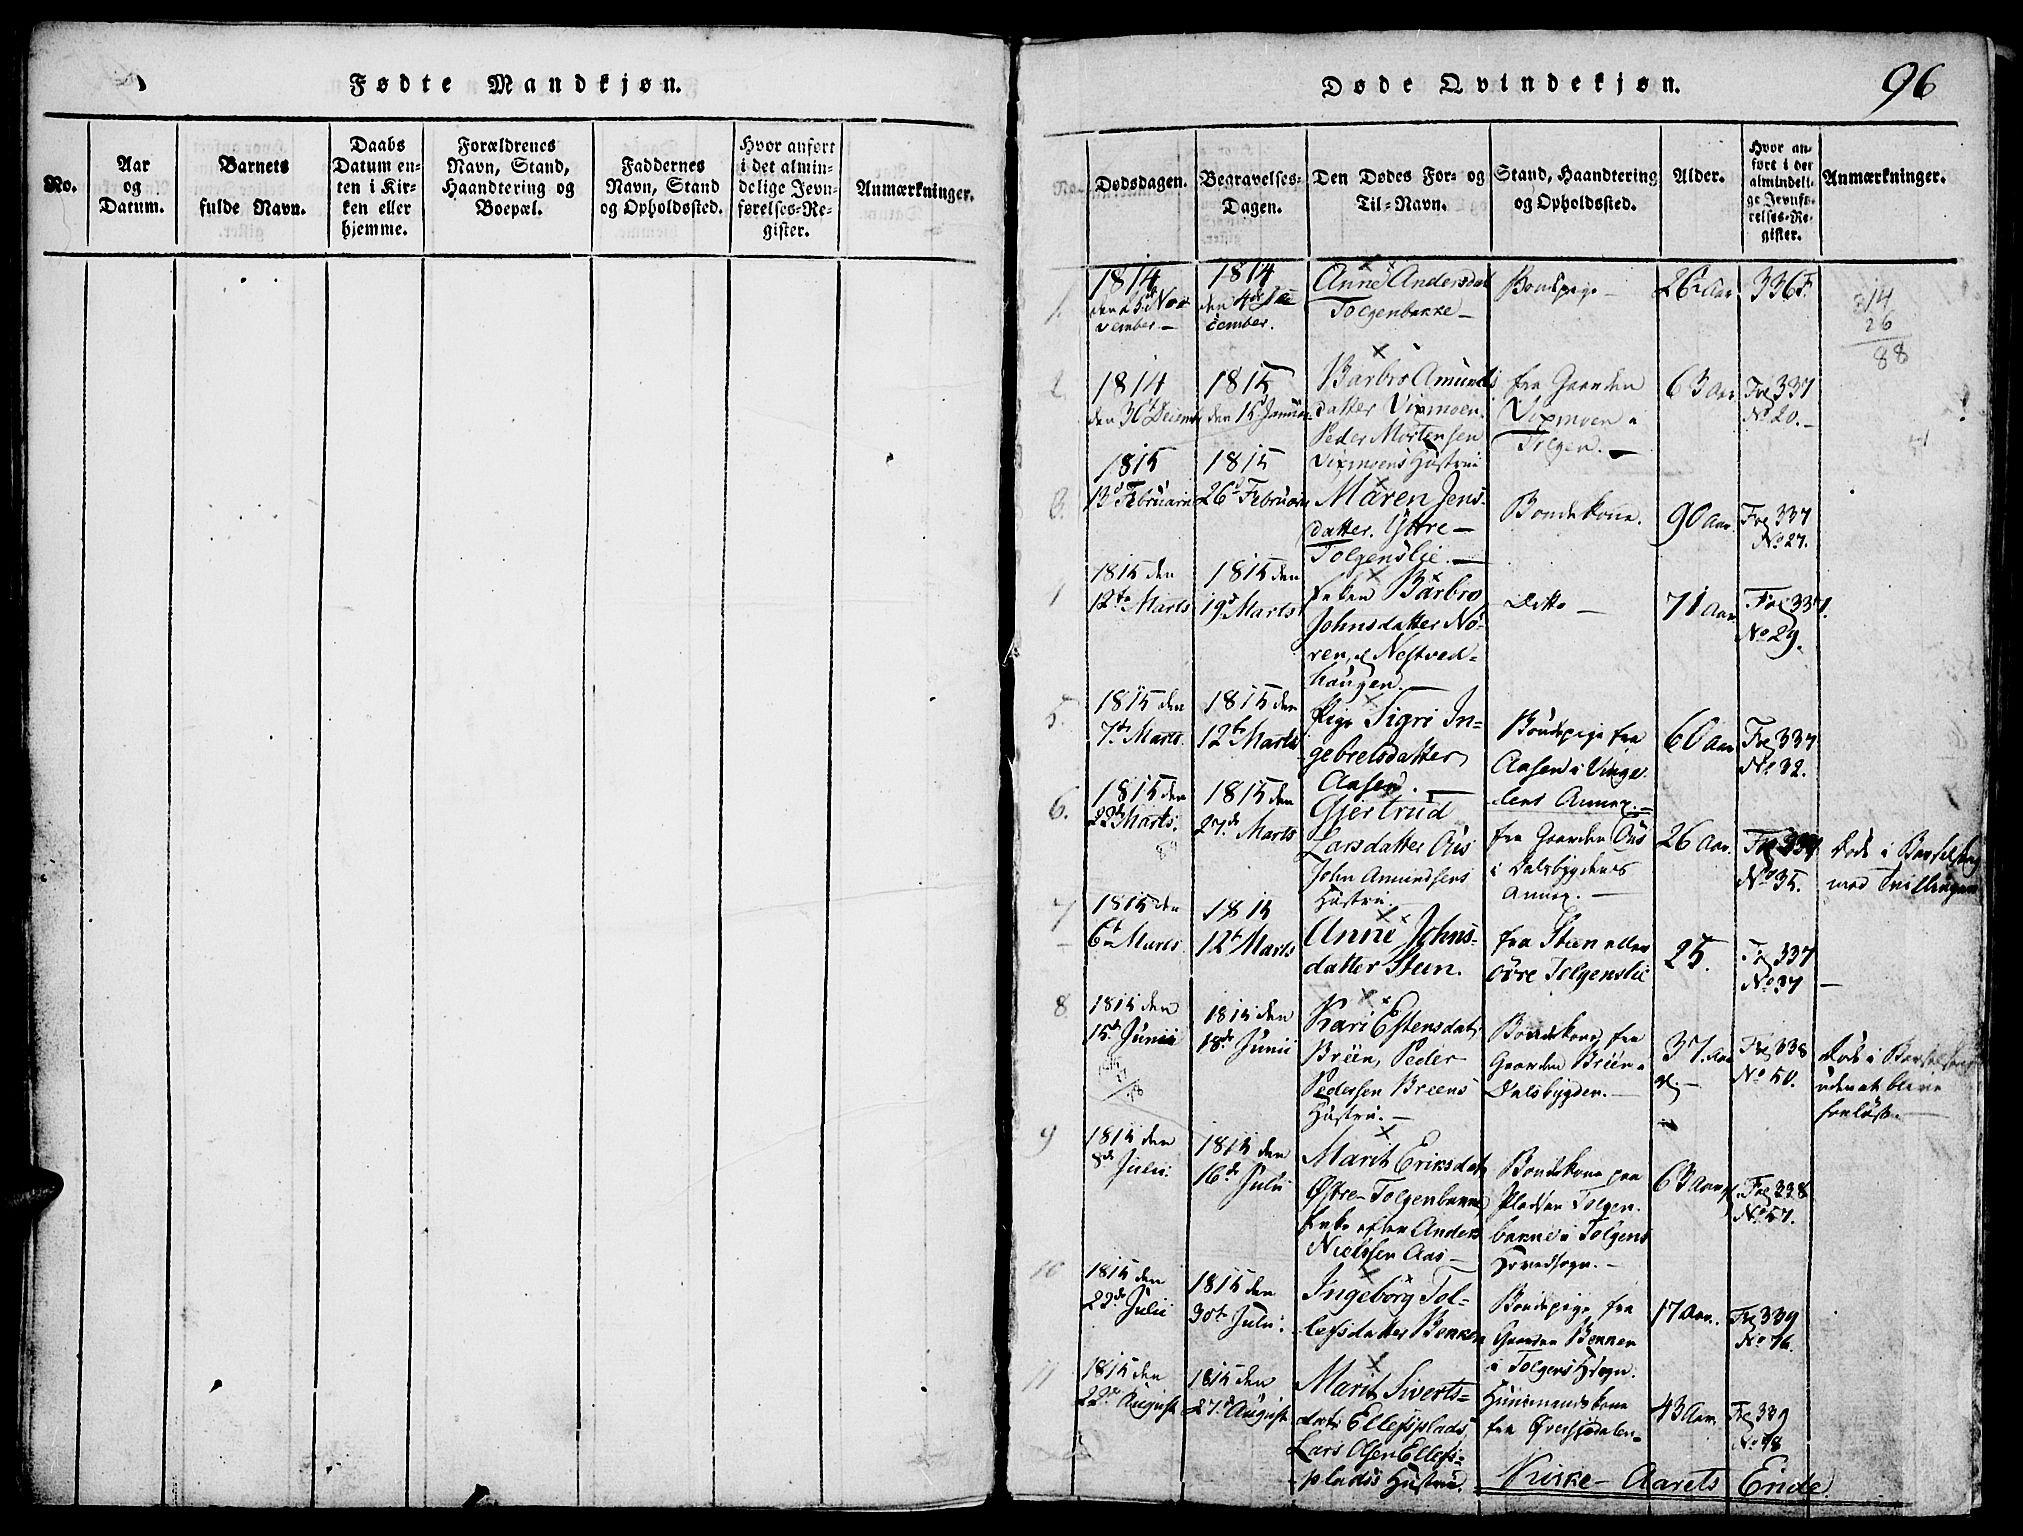 SAH, Tolga prestekontor, K/L0004: Ministerialbok nr. 4, 1815-1836, s. 96